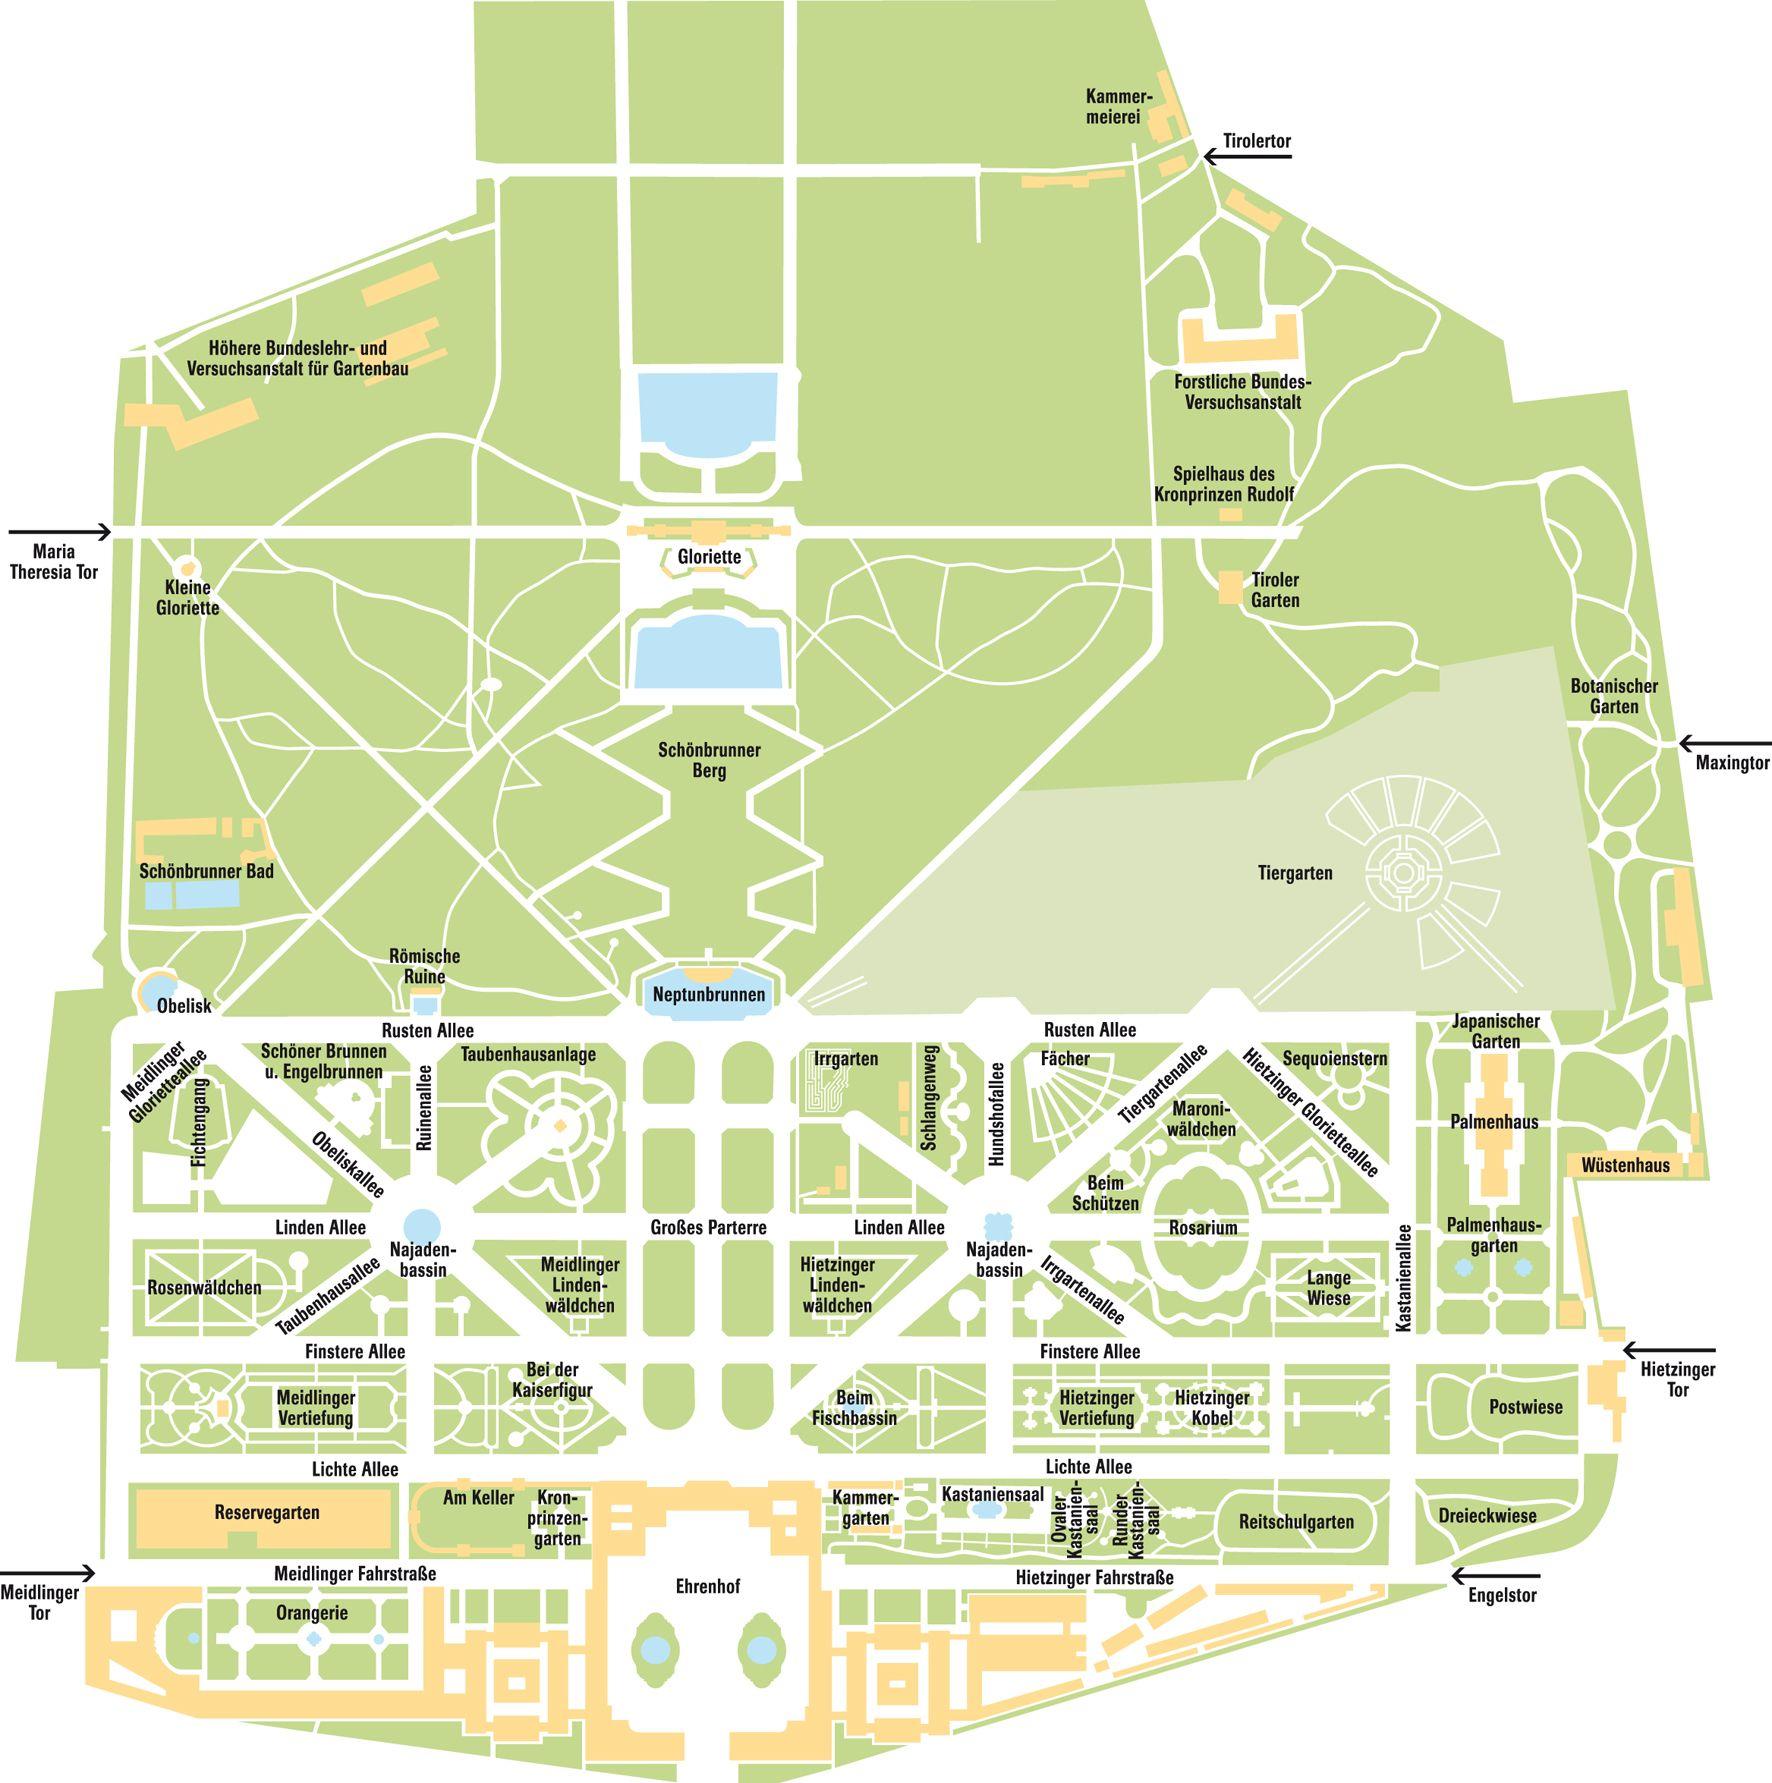 Wien übersichtsplan Schlosspark Schönbrunn Im Jahre 1996 wurden das Schloss Schönbrunn und seine Gärten von der UNESCO zum Weltkulturerbe erklärt